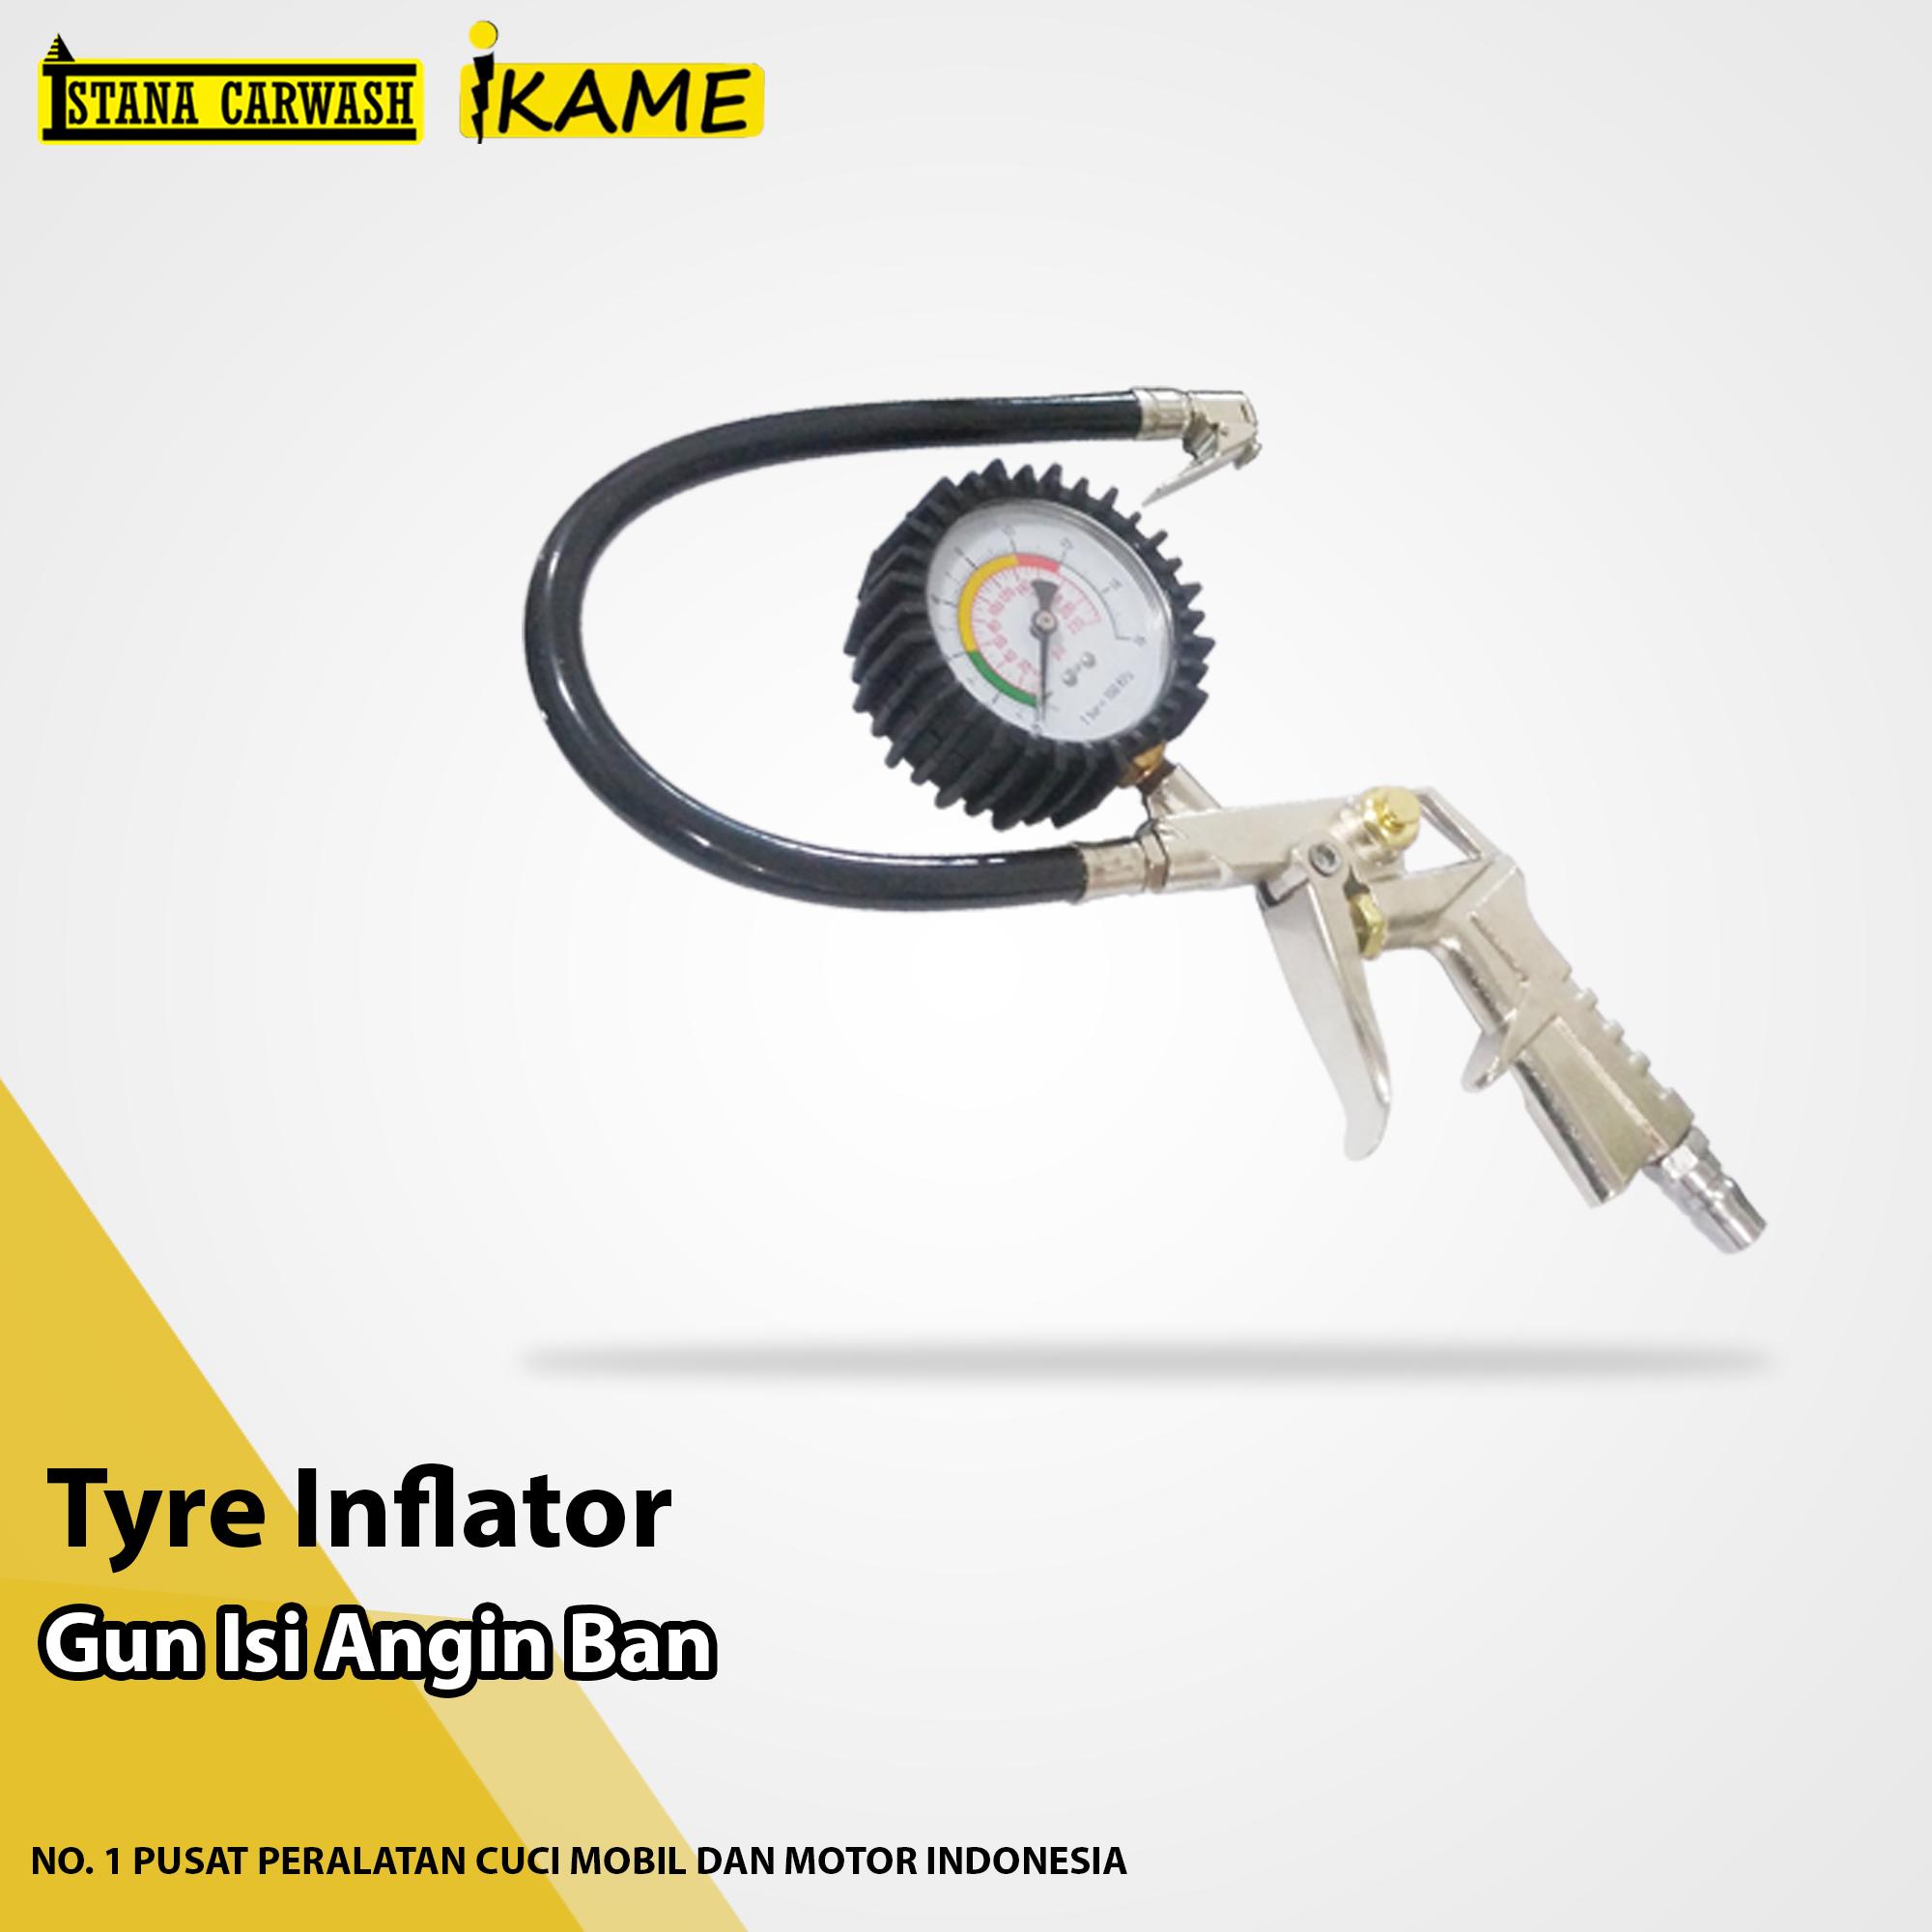 Tyre Inflator / Gun Isi Angin Ban